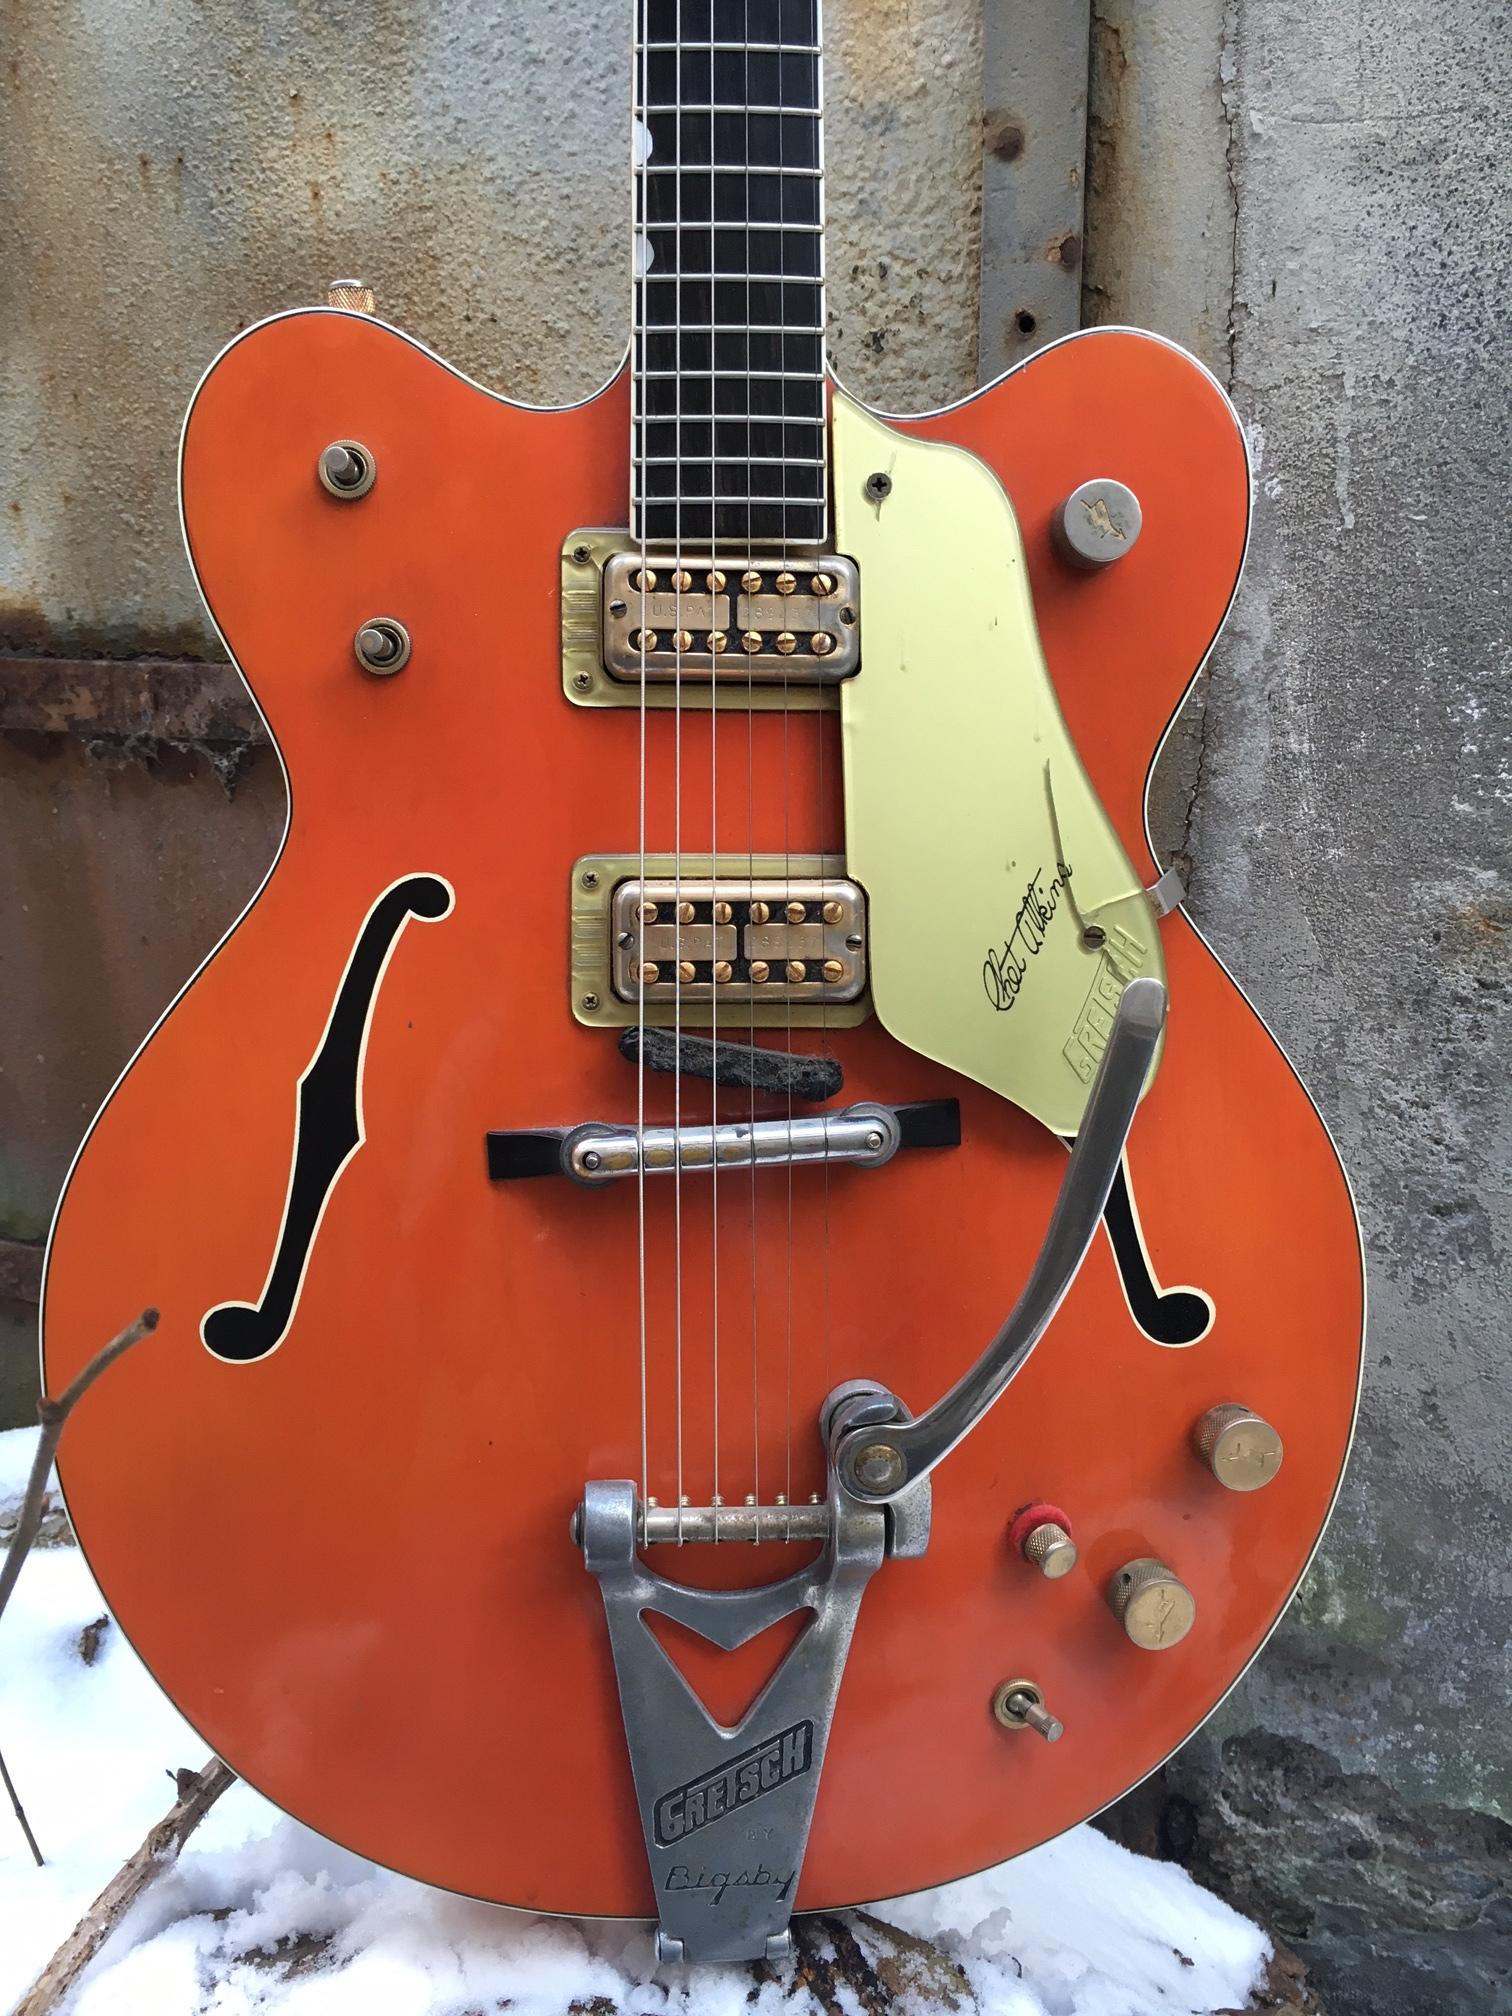 gretsch 6120 chet atkins nashville 1964 guitar for sale. Black Bedroom Furniture Sets. Home Design Ideas